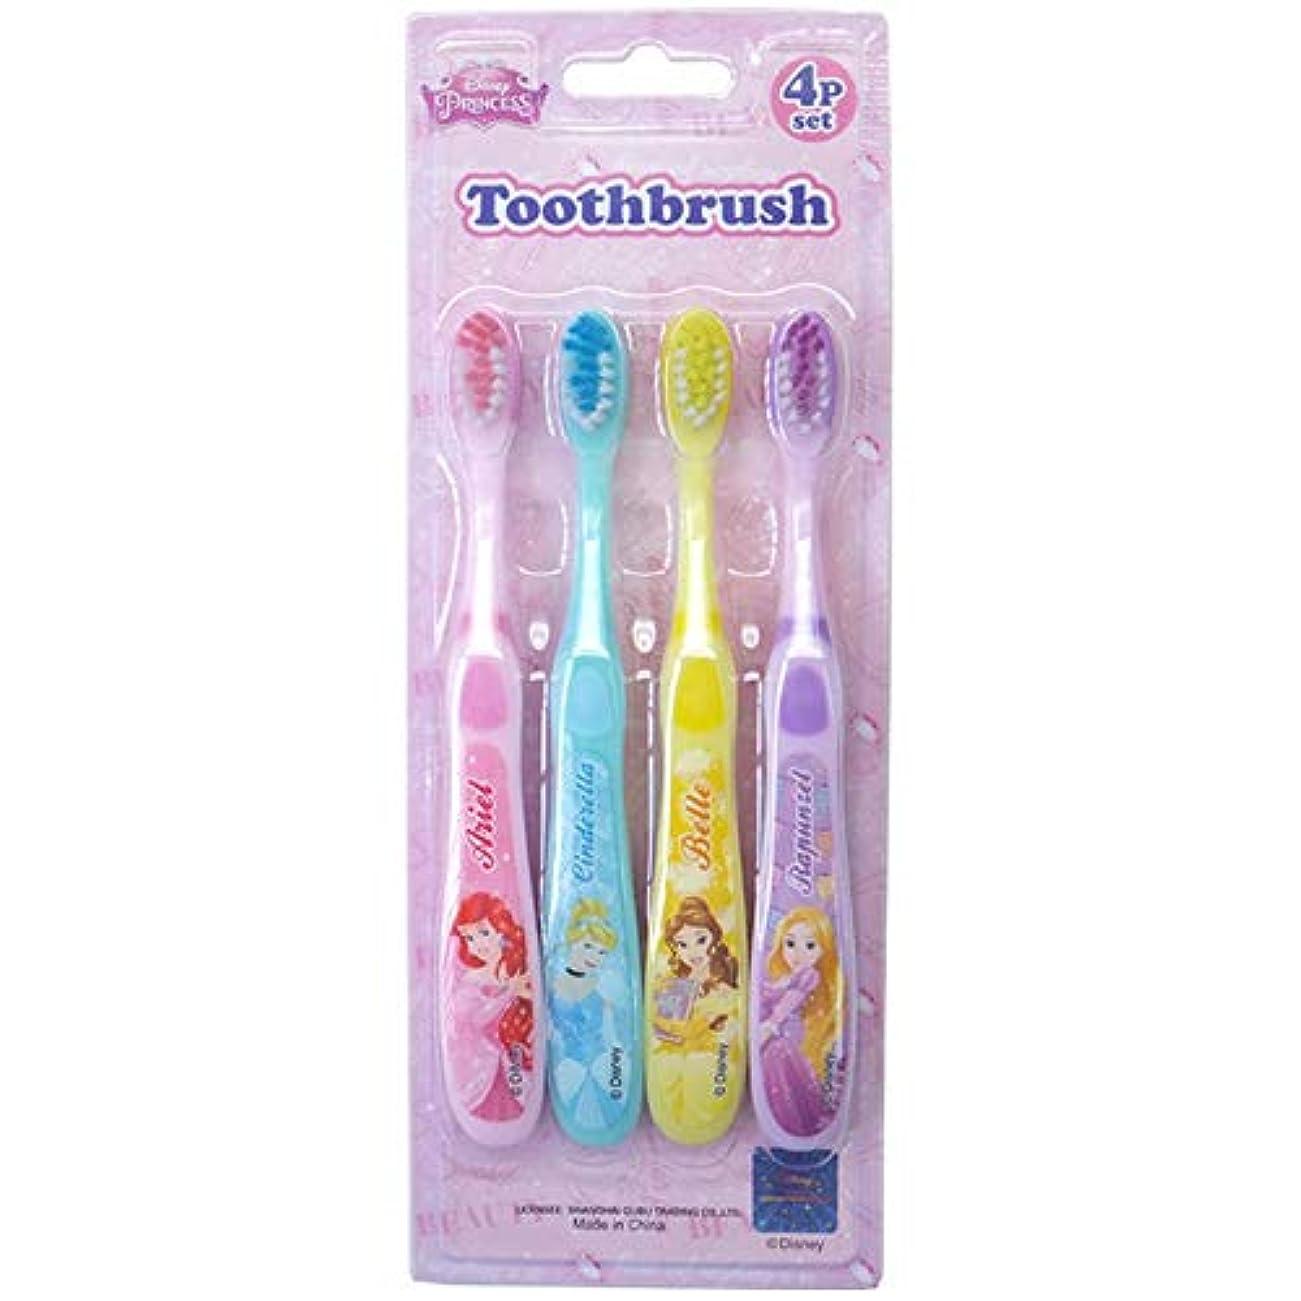 に付ける手首リファイン歯ブラシ4Pセット 26911-12(11/プリンセス) キャラクター Disney ディズニー オーラルケア 歯磨き 洗面所 子供 キッズ